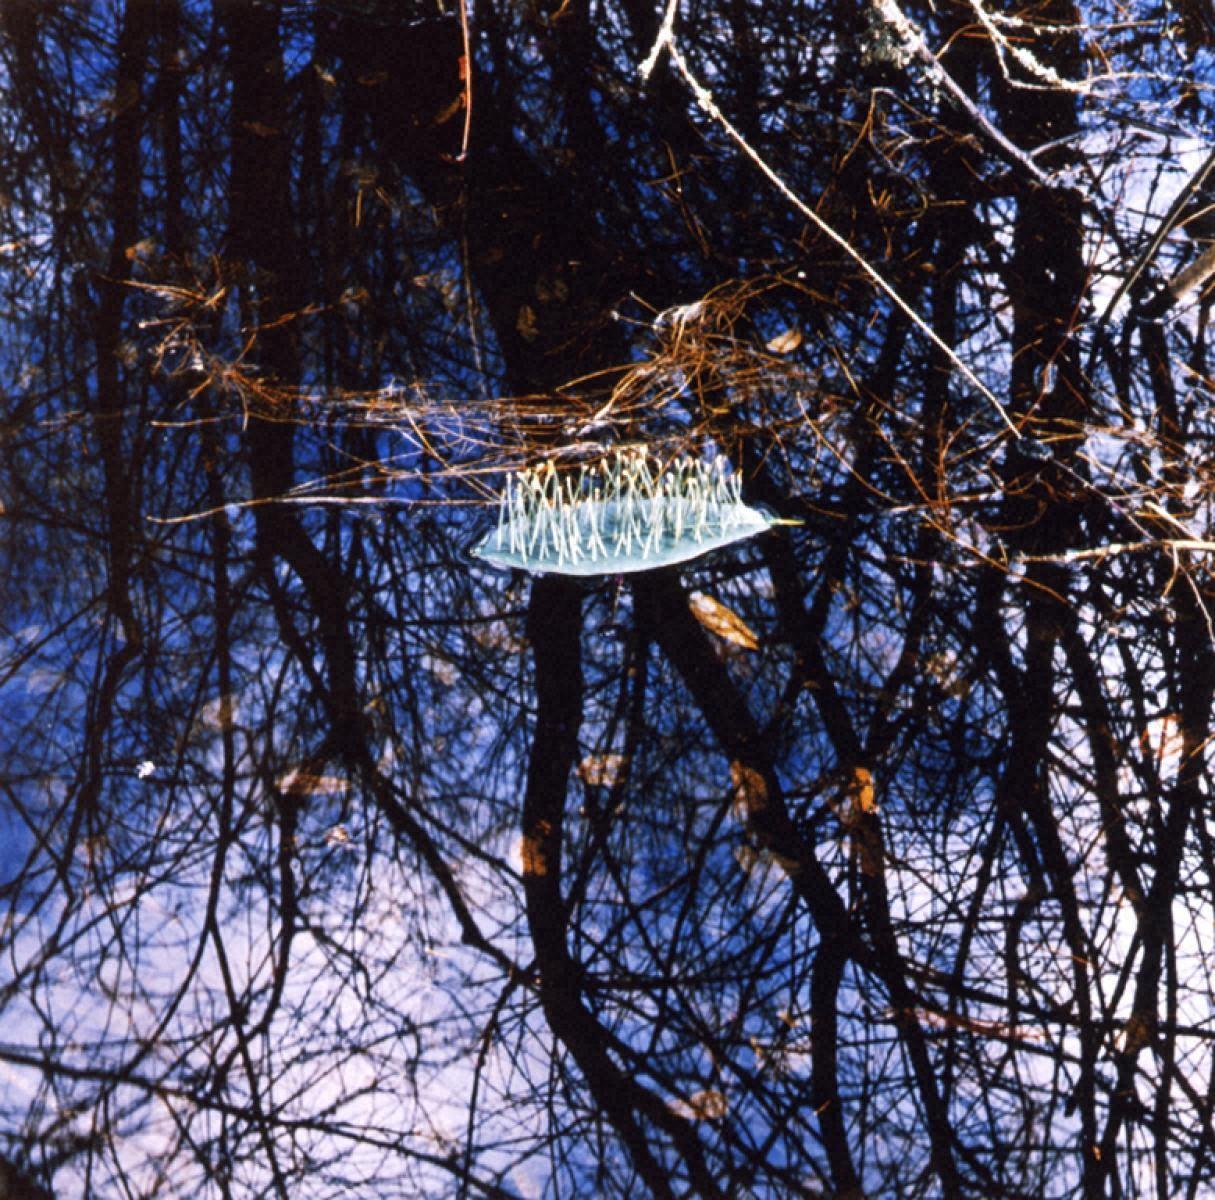 ロードデンドロンの葉、松葉/フランス、リムーザン地方、ヴァシヴィエール湖、1987年